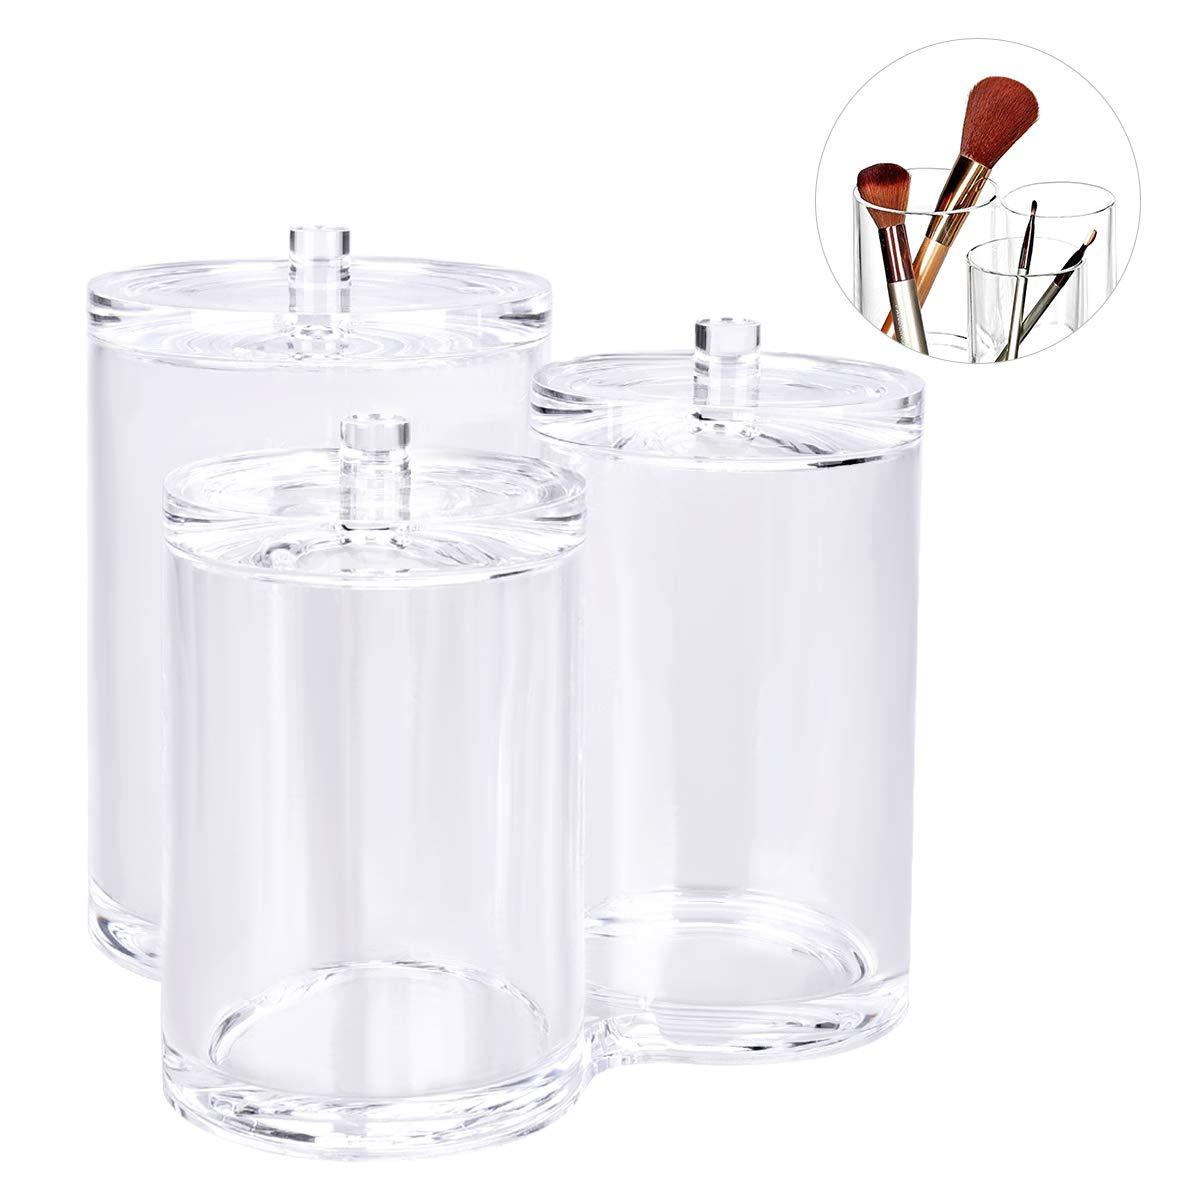 OZUAR watte Pad dispensador Kosmetex, Soporte para Discos de algodón y bastoncillos, Maquillaje Organizador de acrílico, Caja: Amazon.es: Hogar